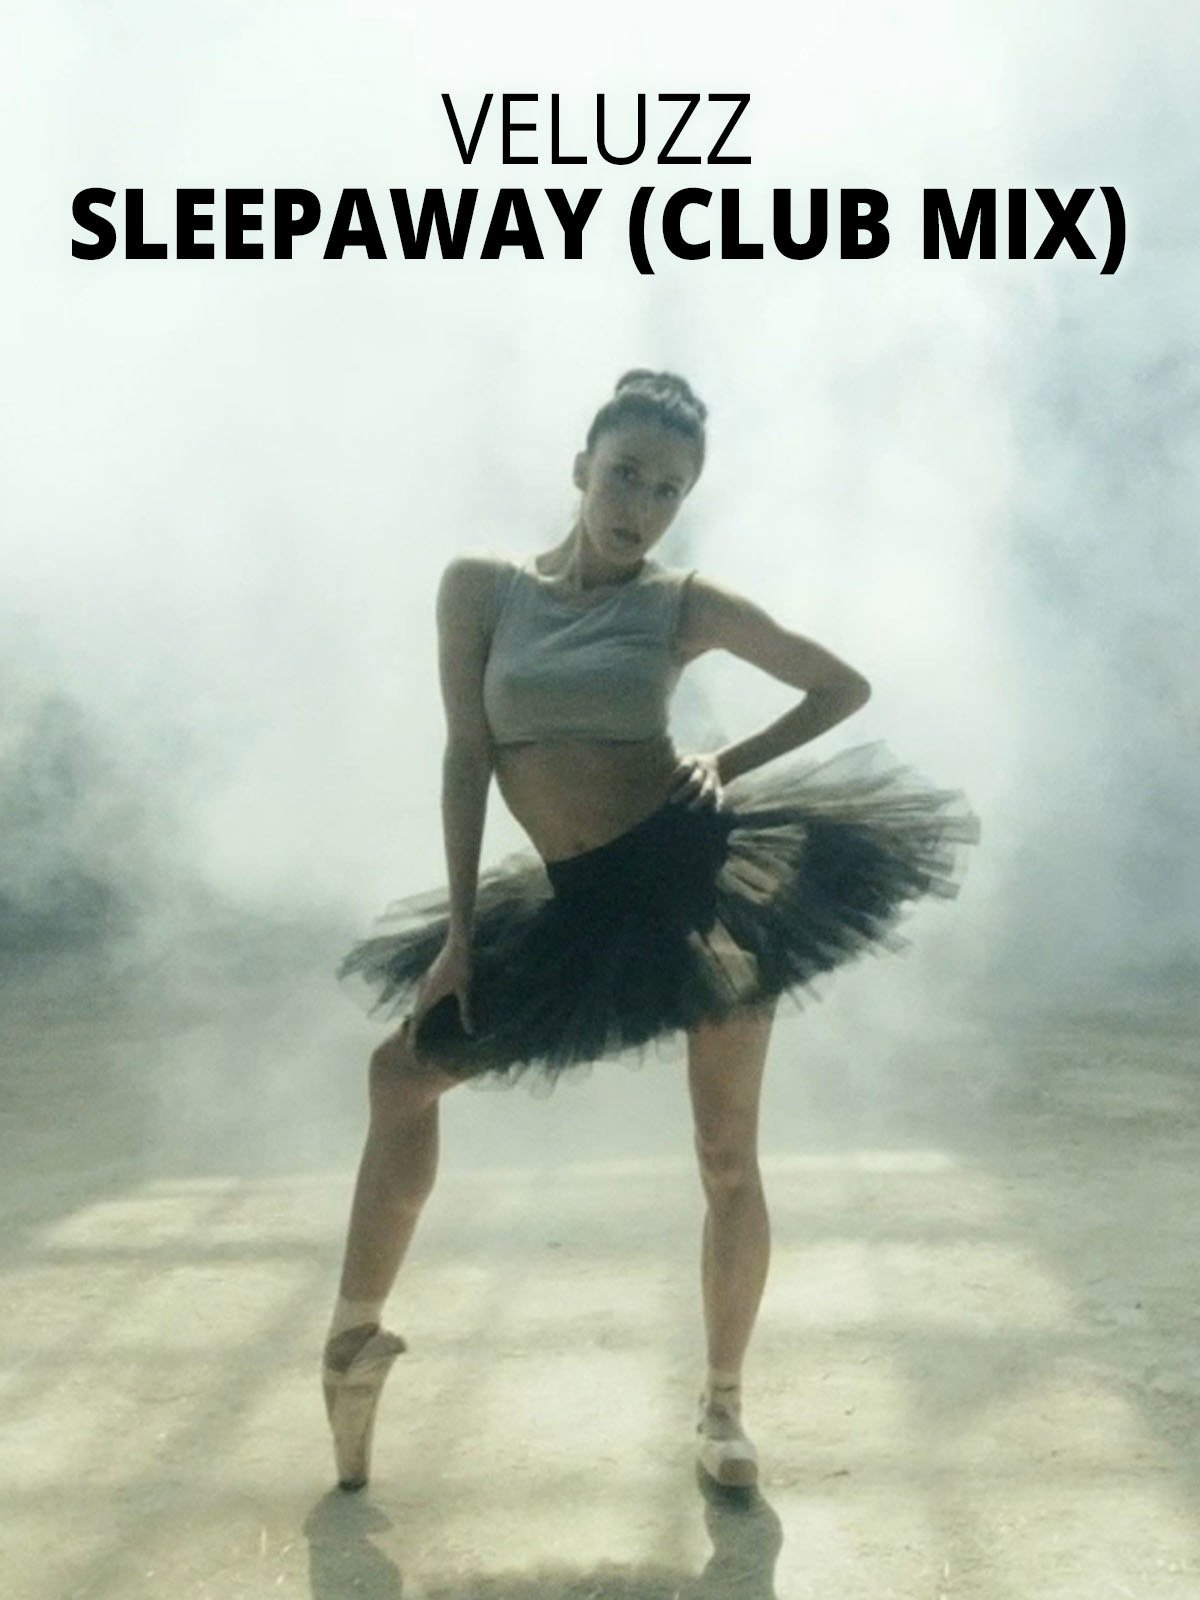 Sleepaway (Club Mix)